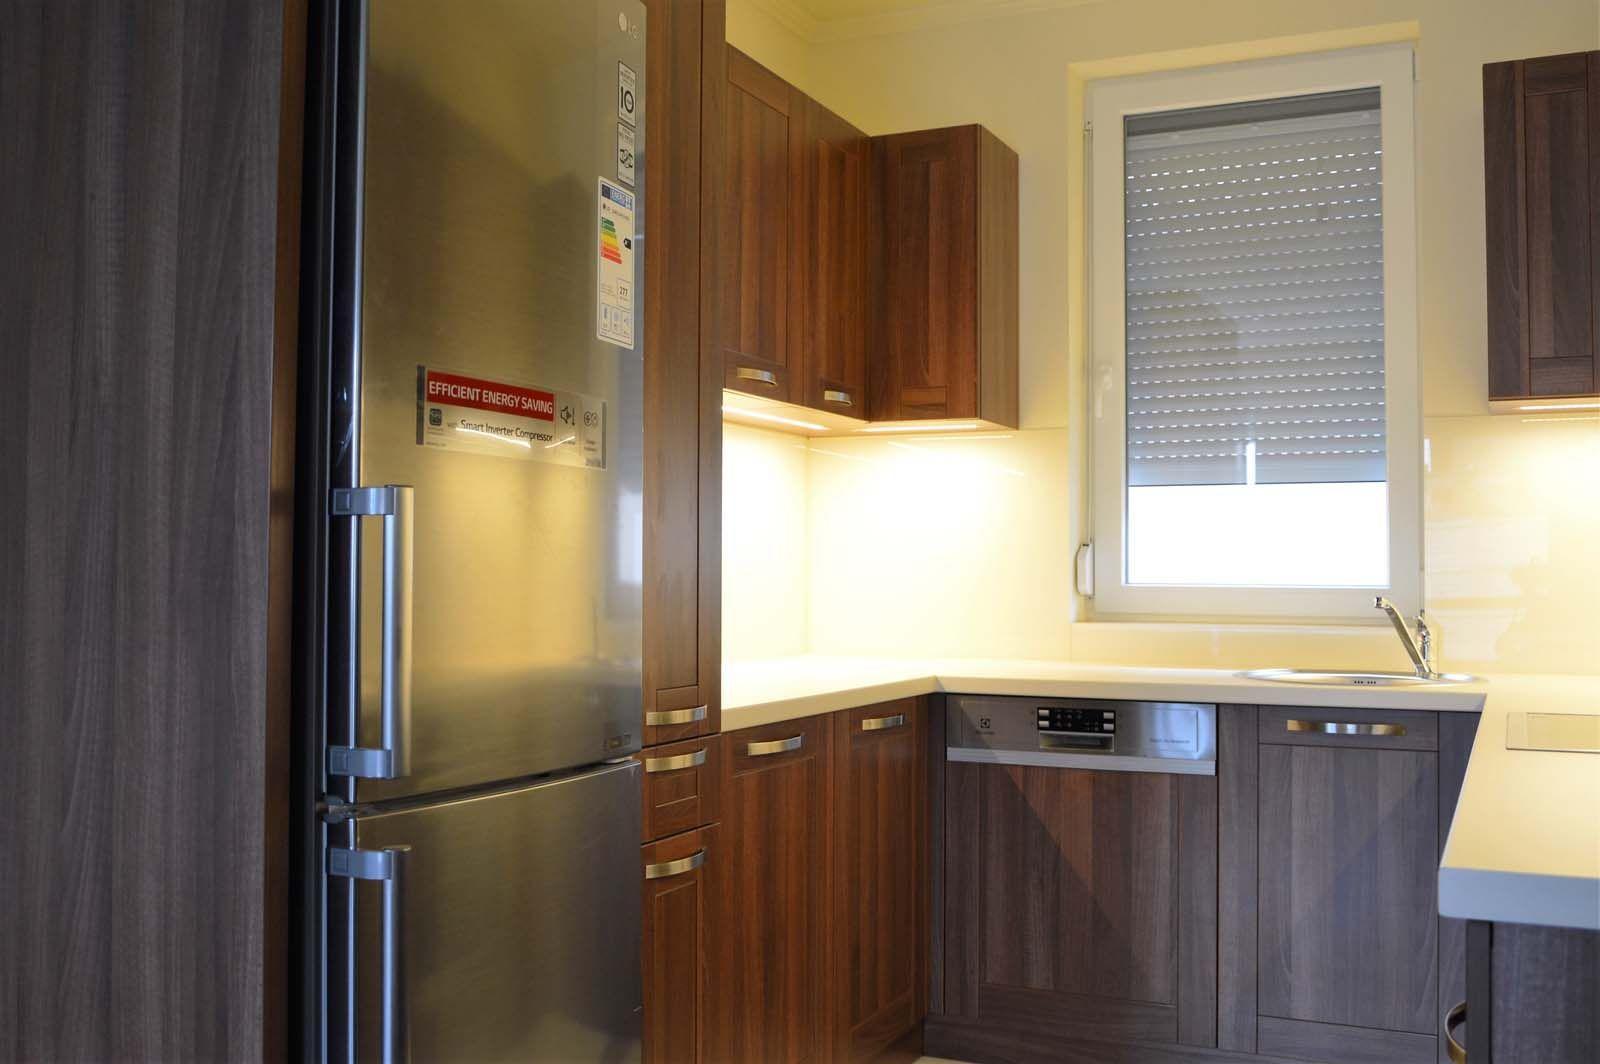 Egyedi konyhabútor készítés dió - bézs színben üveghátlappal, rejtett LED világítással, hűtő takarással